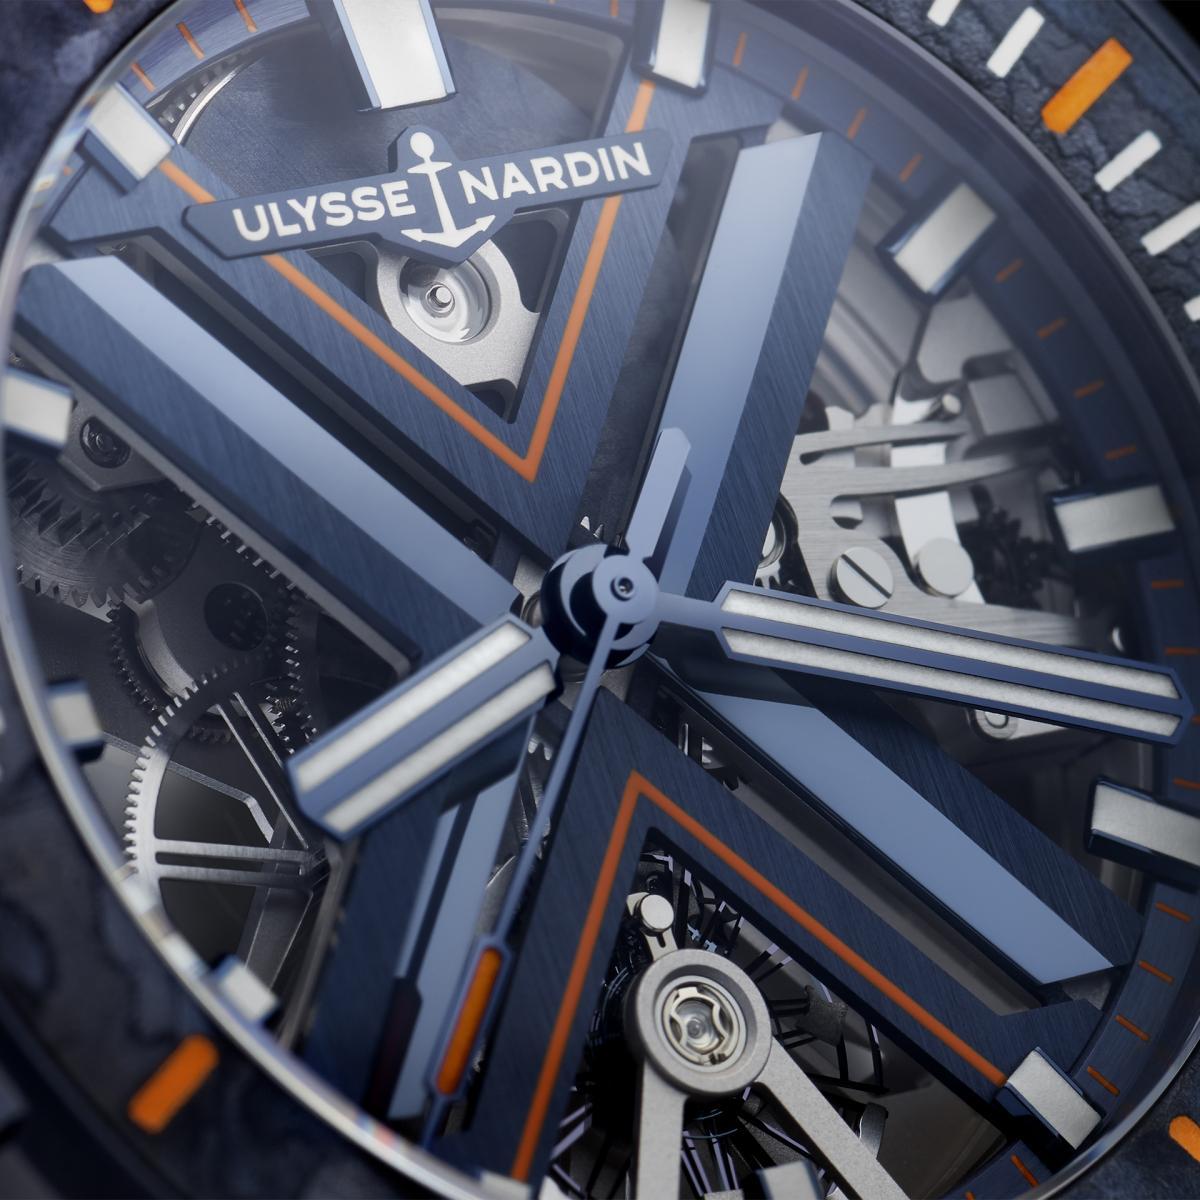 Gli orologi subacquei appaiono negli anni '50. Il legame tra questi e il mare nasce dalla necessità di esplorare questo habitat sconosciuto.